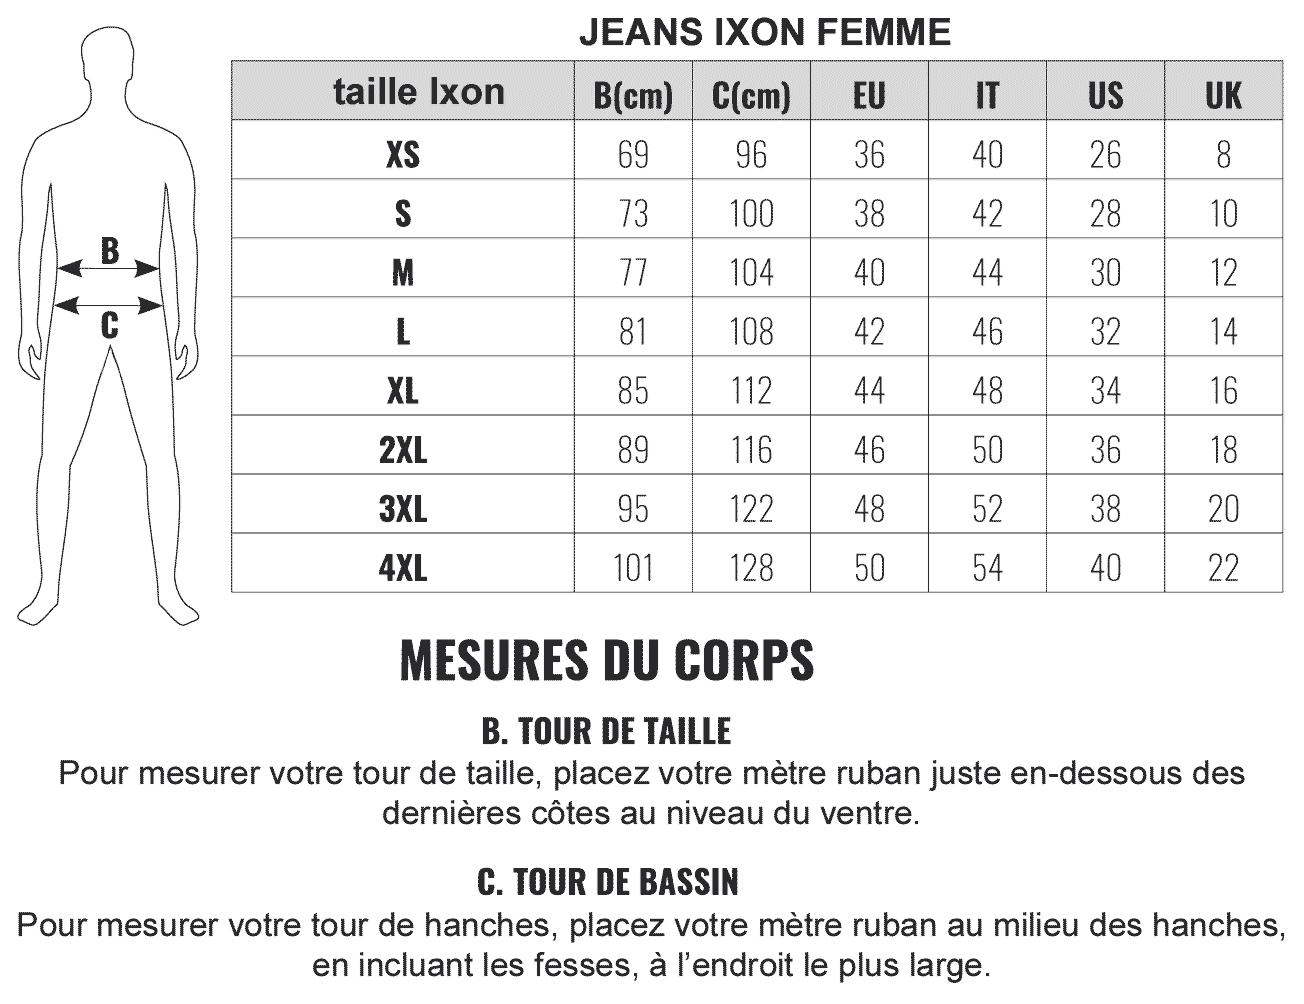 Guide des tailles jeans Ixon femme, pantalon